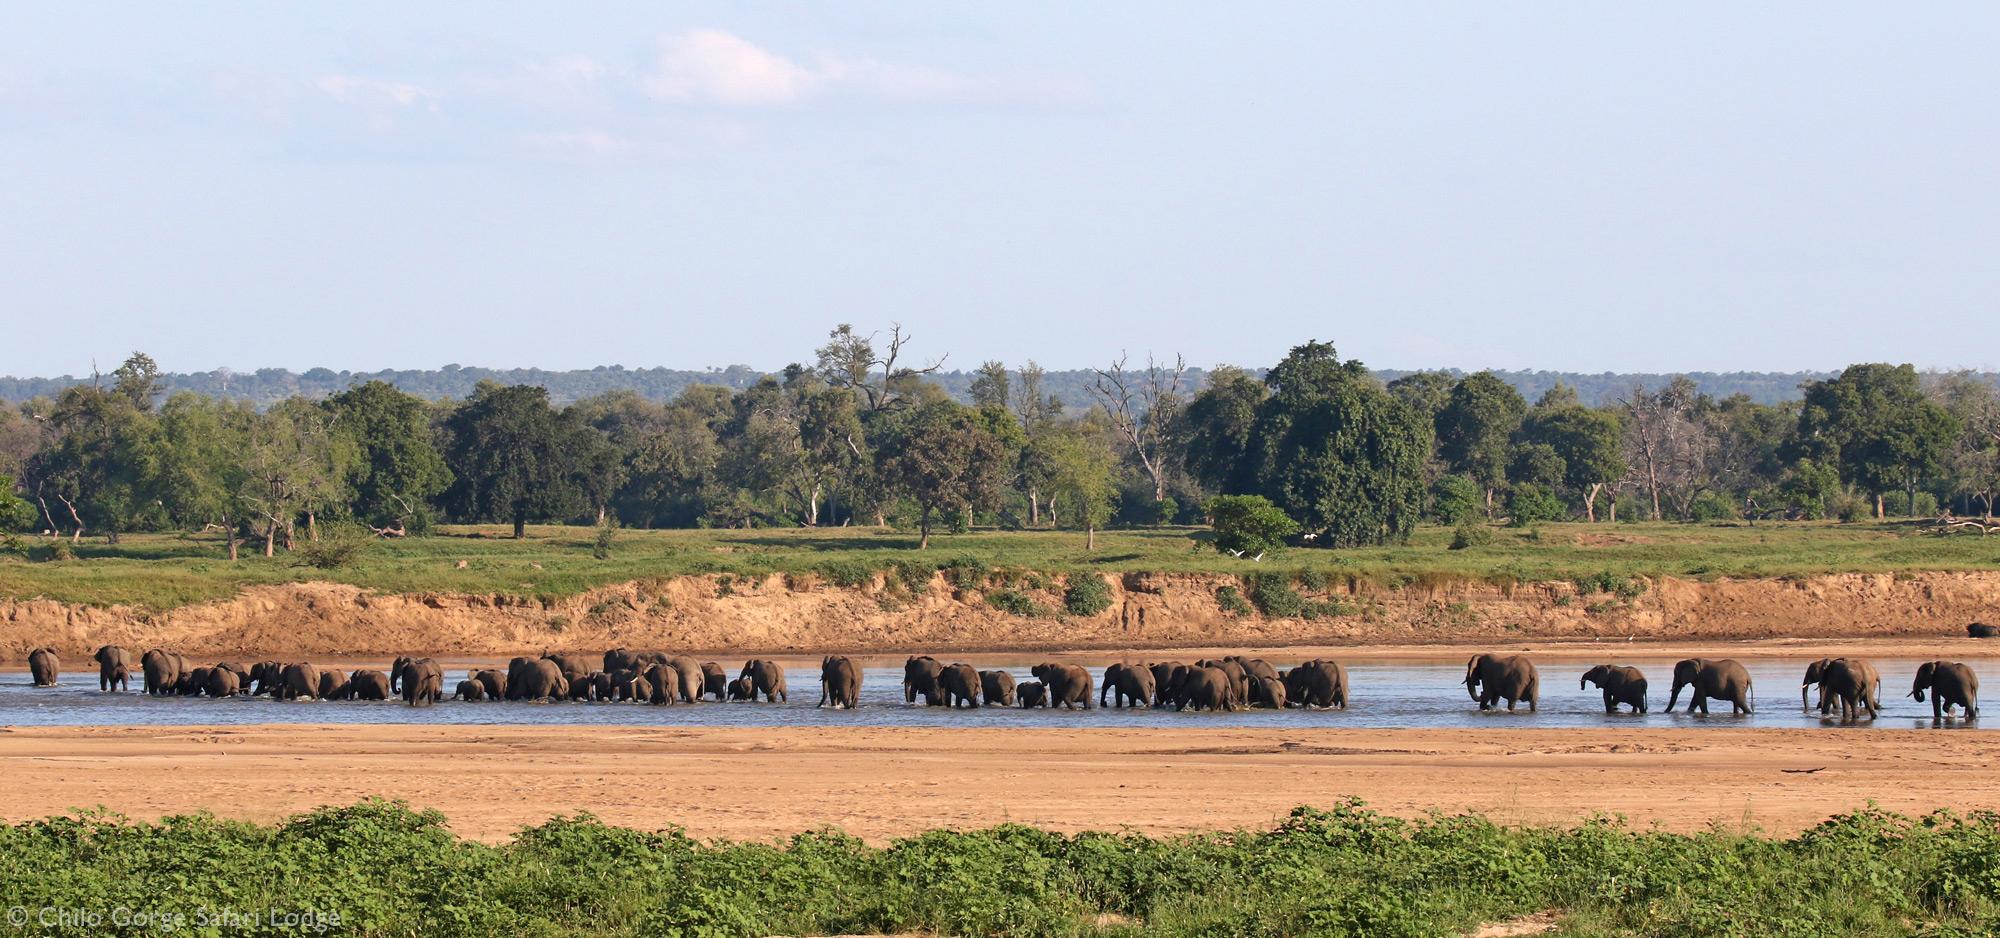 Large herd of elephant in Gonarezhou National Park, Zimbabwe